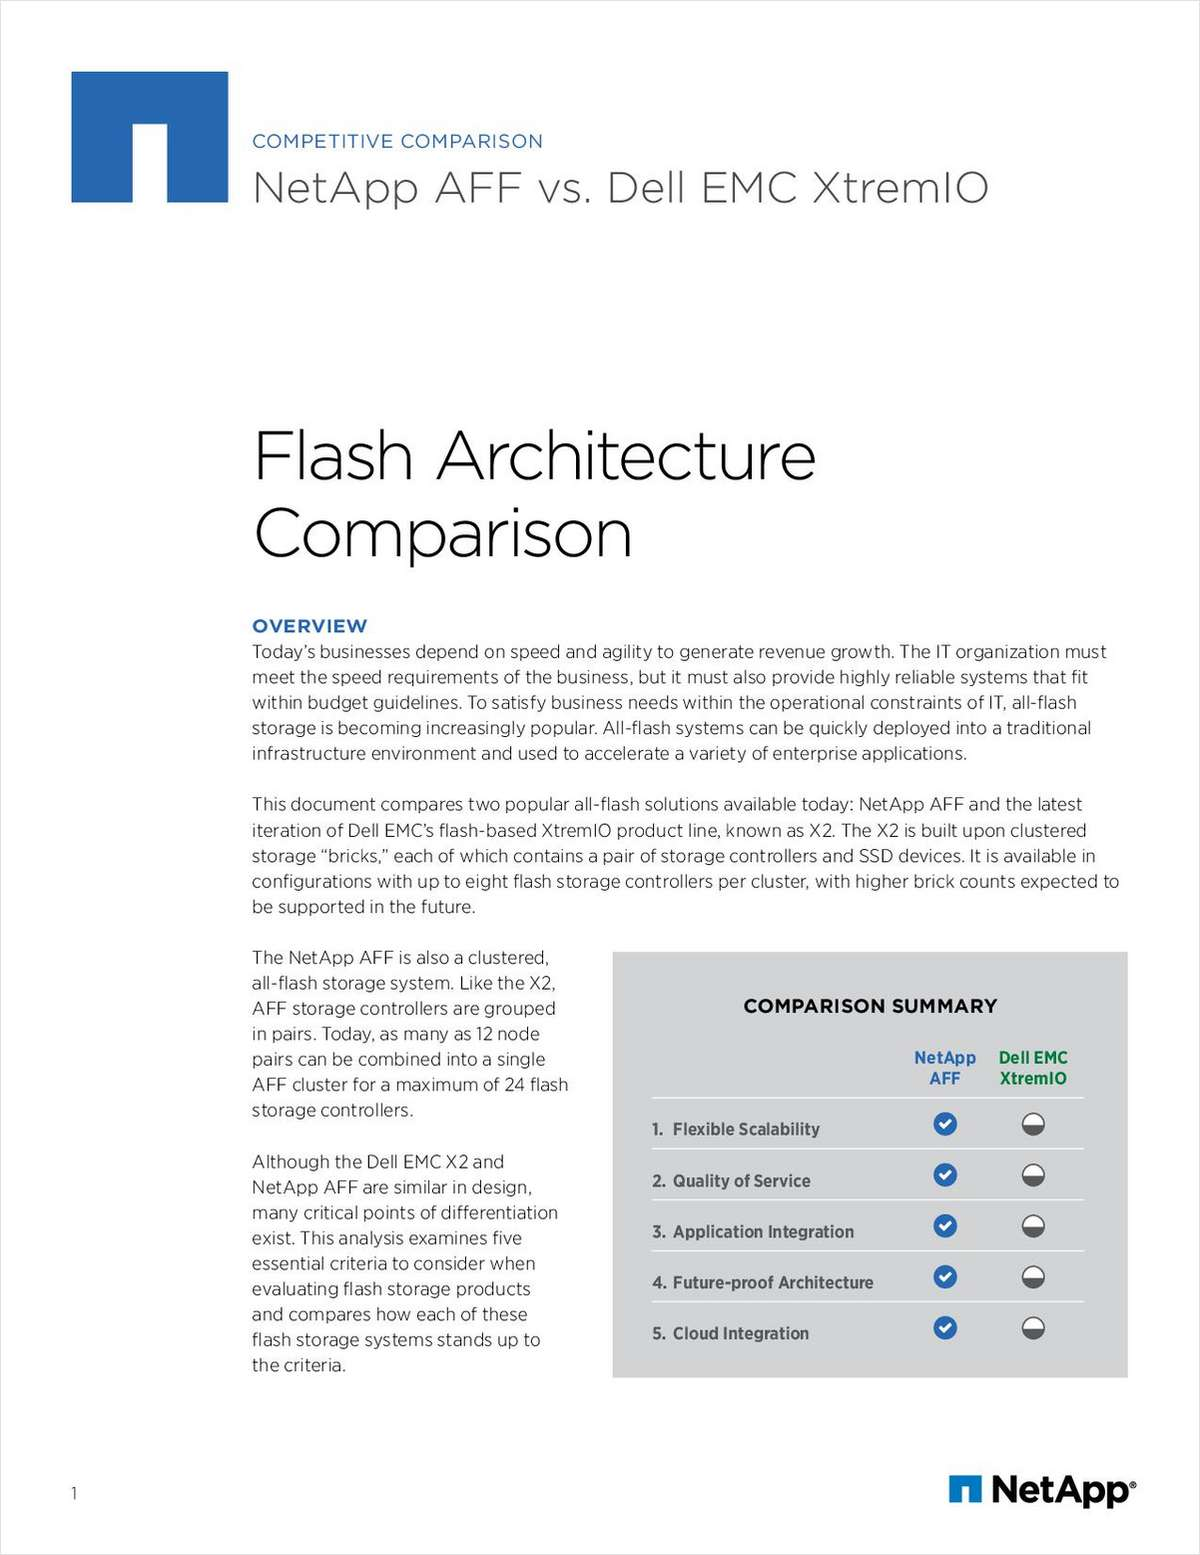 Flash Architecture Comparison: NetApp AFF vs. Dell EMC XtremIO